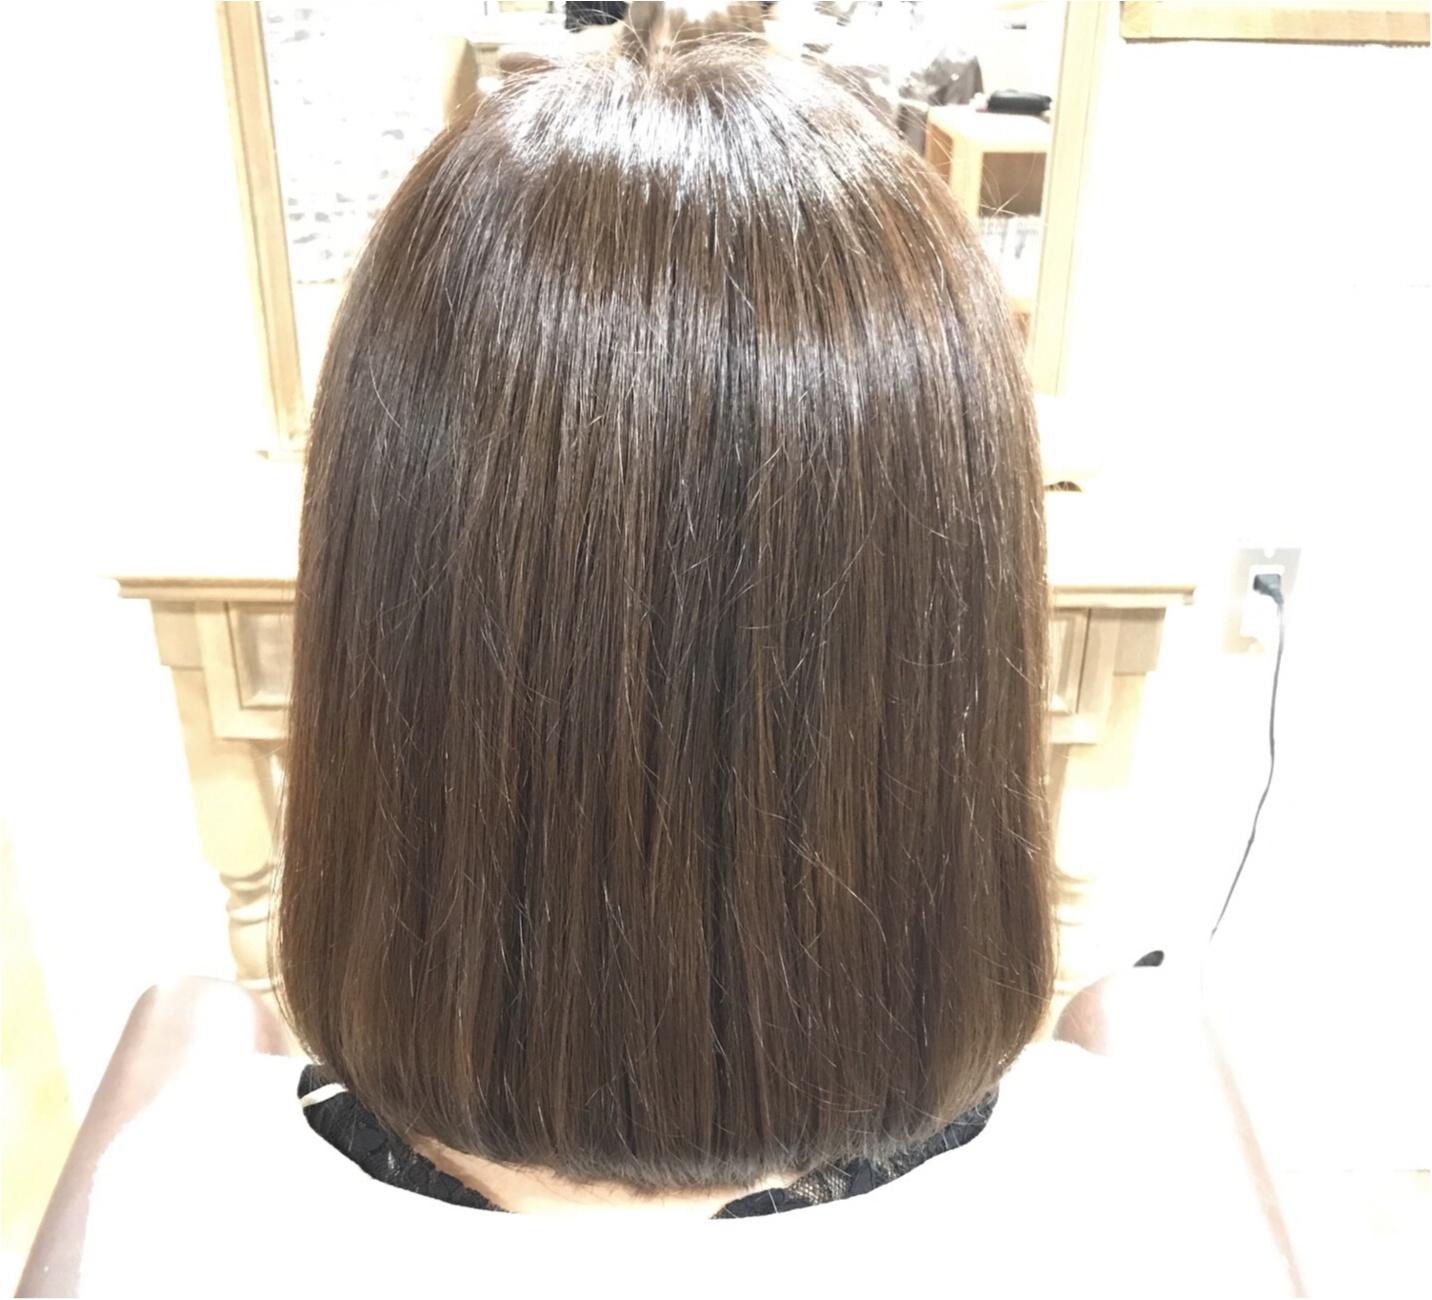 【サロン専売品】髪の乾燥ダメージケアに抜群!美容師御用達《ヒトヨニ》がおすすめ♡_3